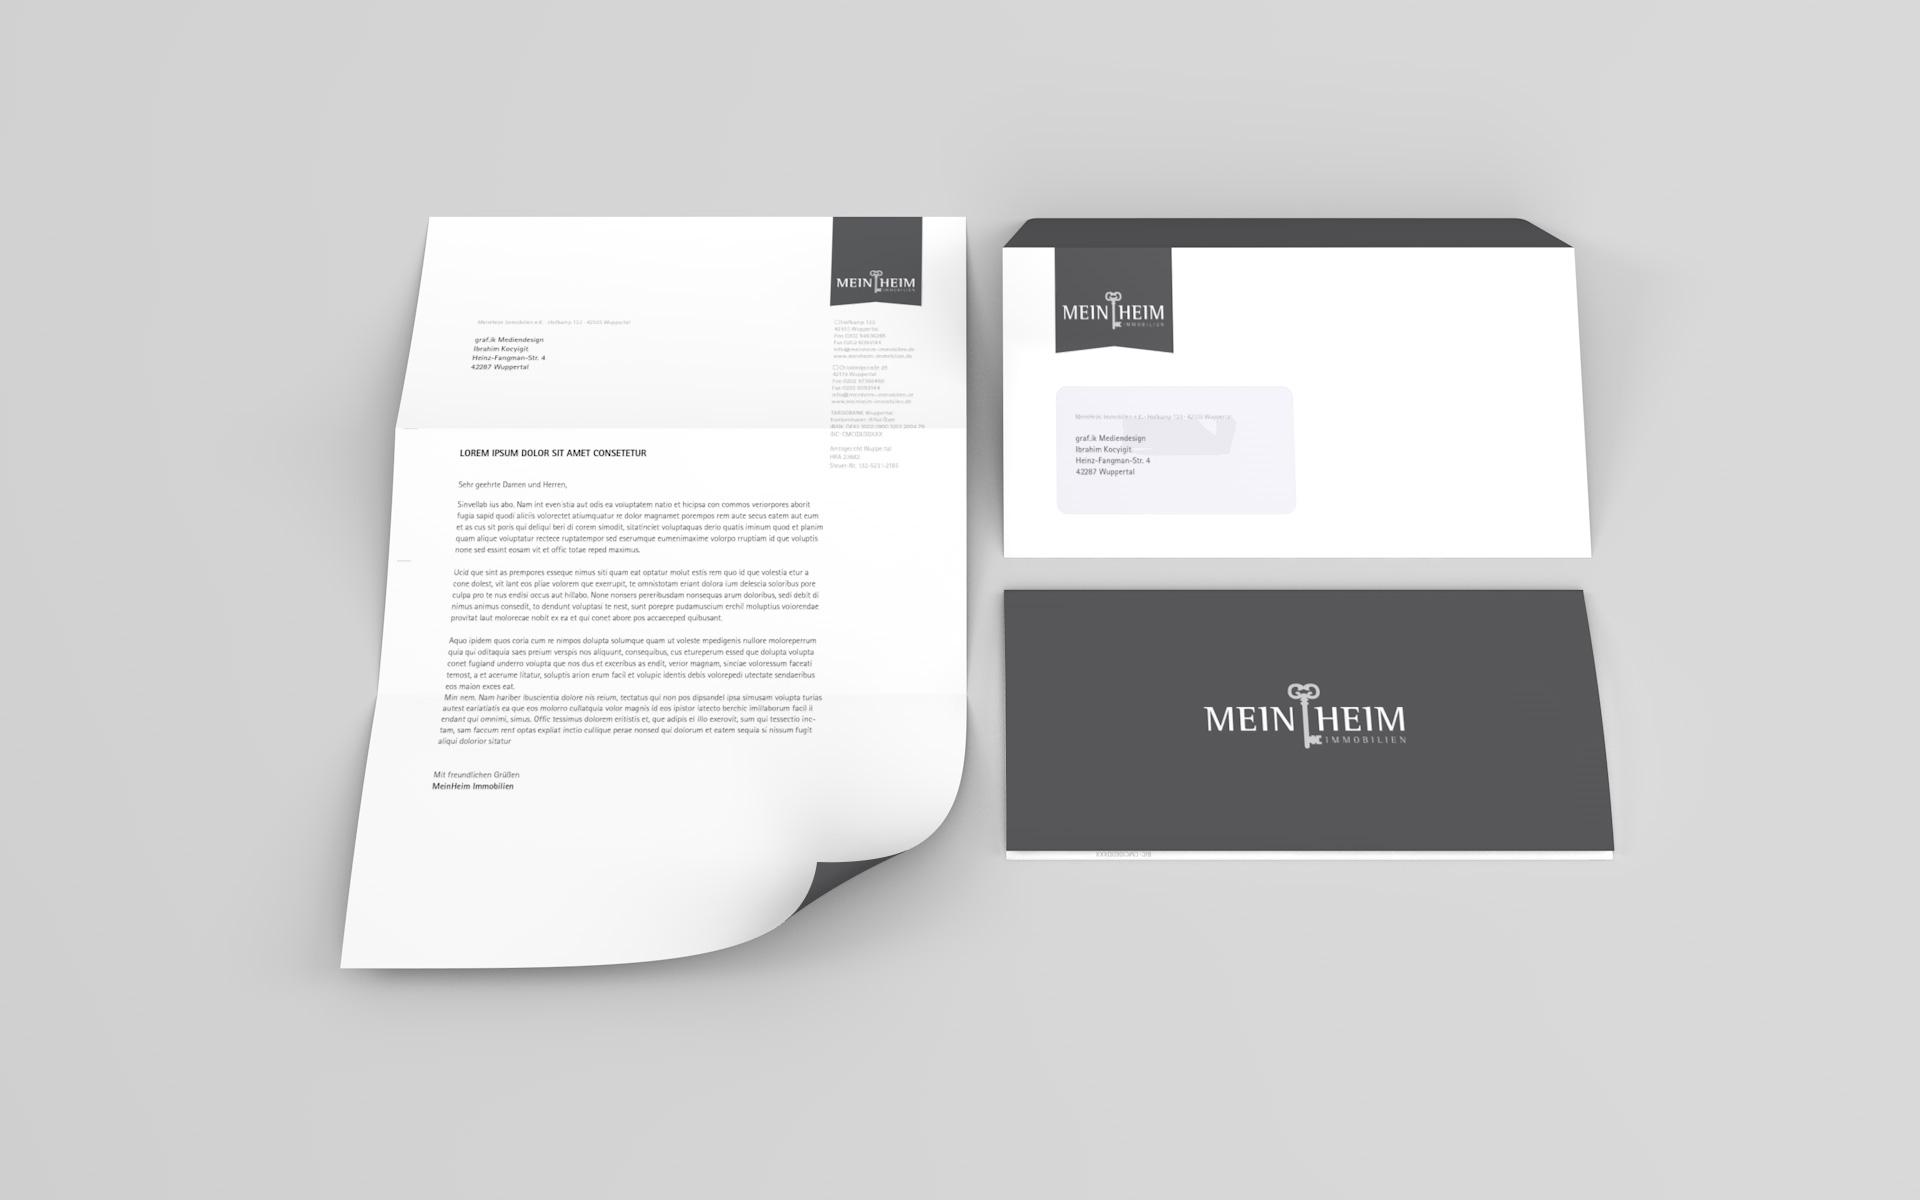 Briefbogen und Umschlag aus dem Corporate Design für MeinHeim Immobilien